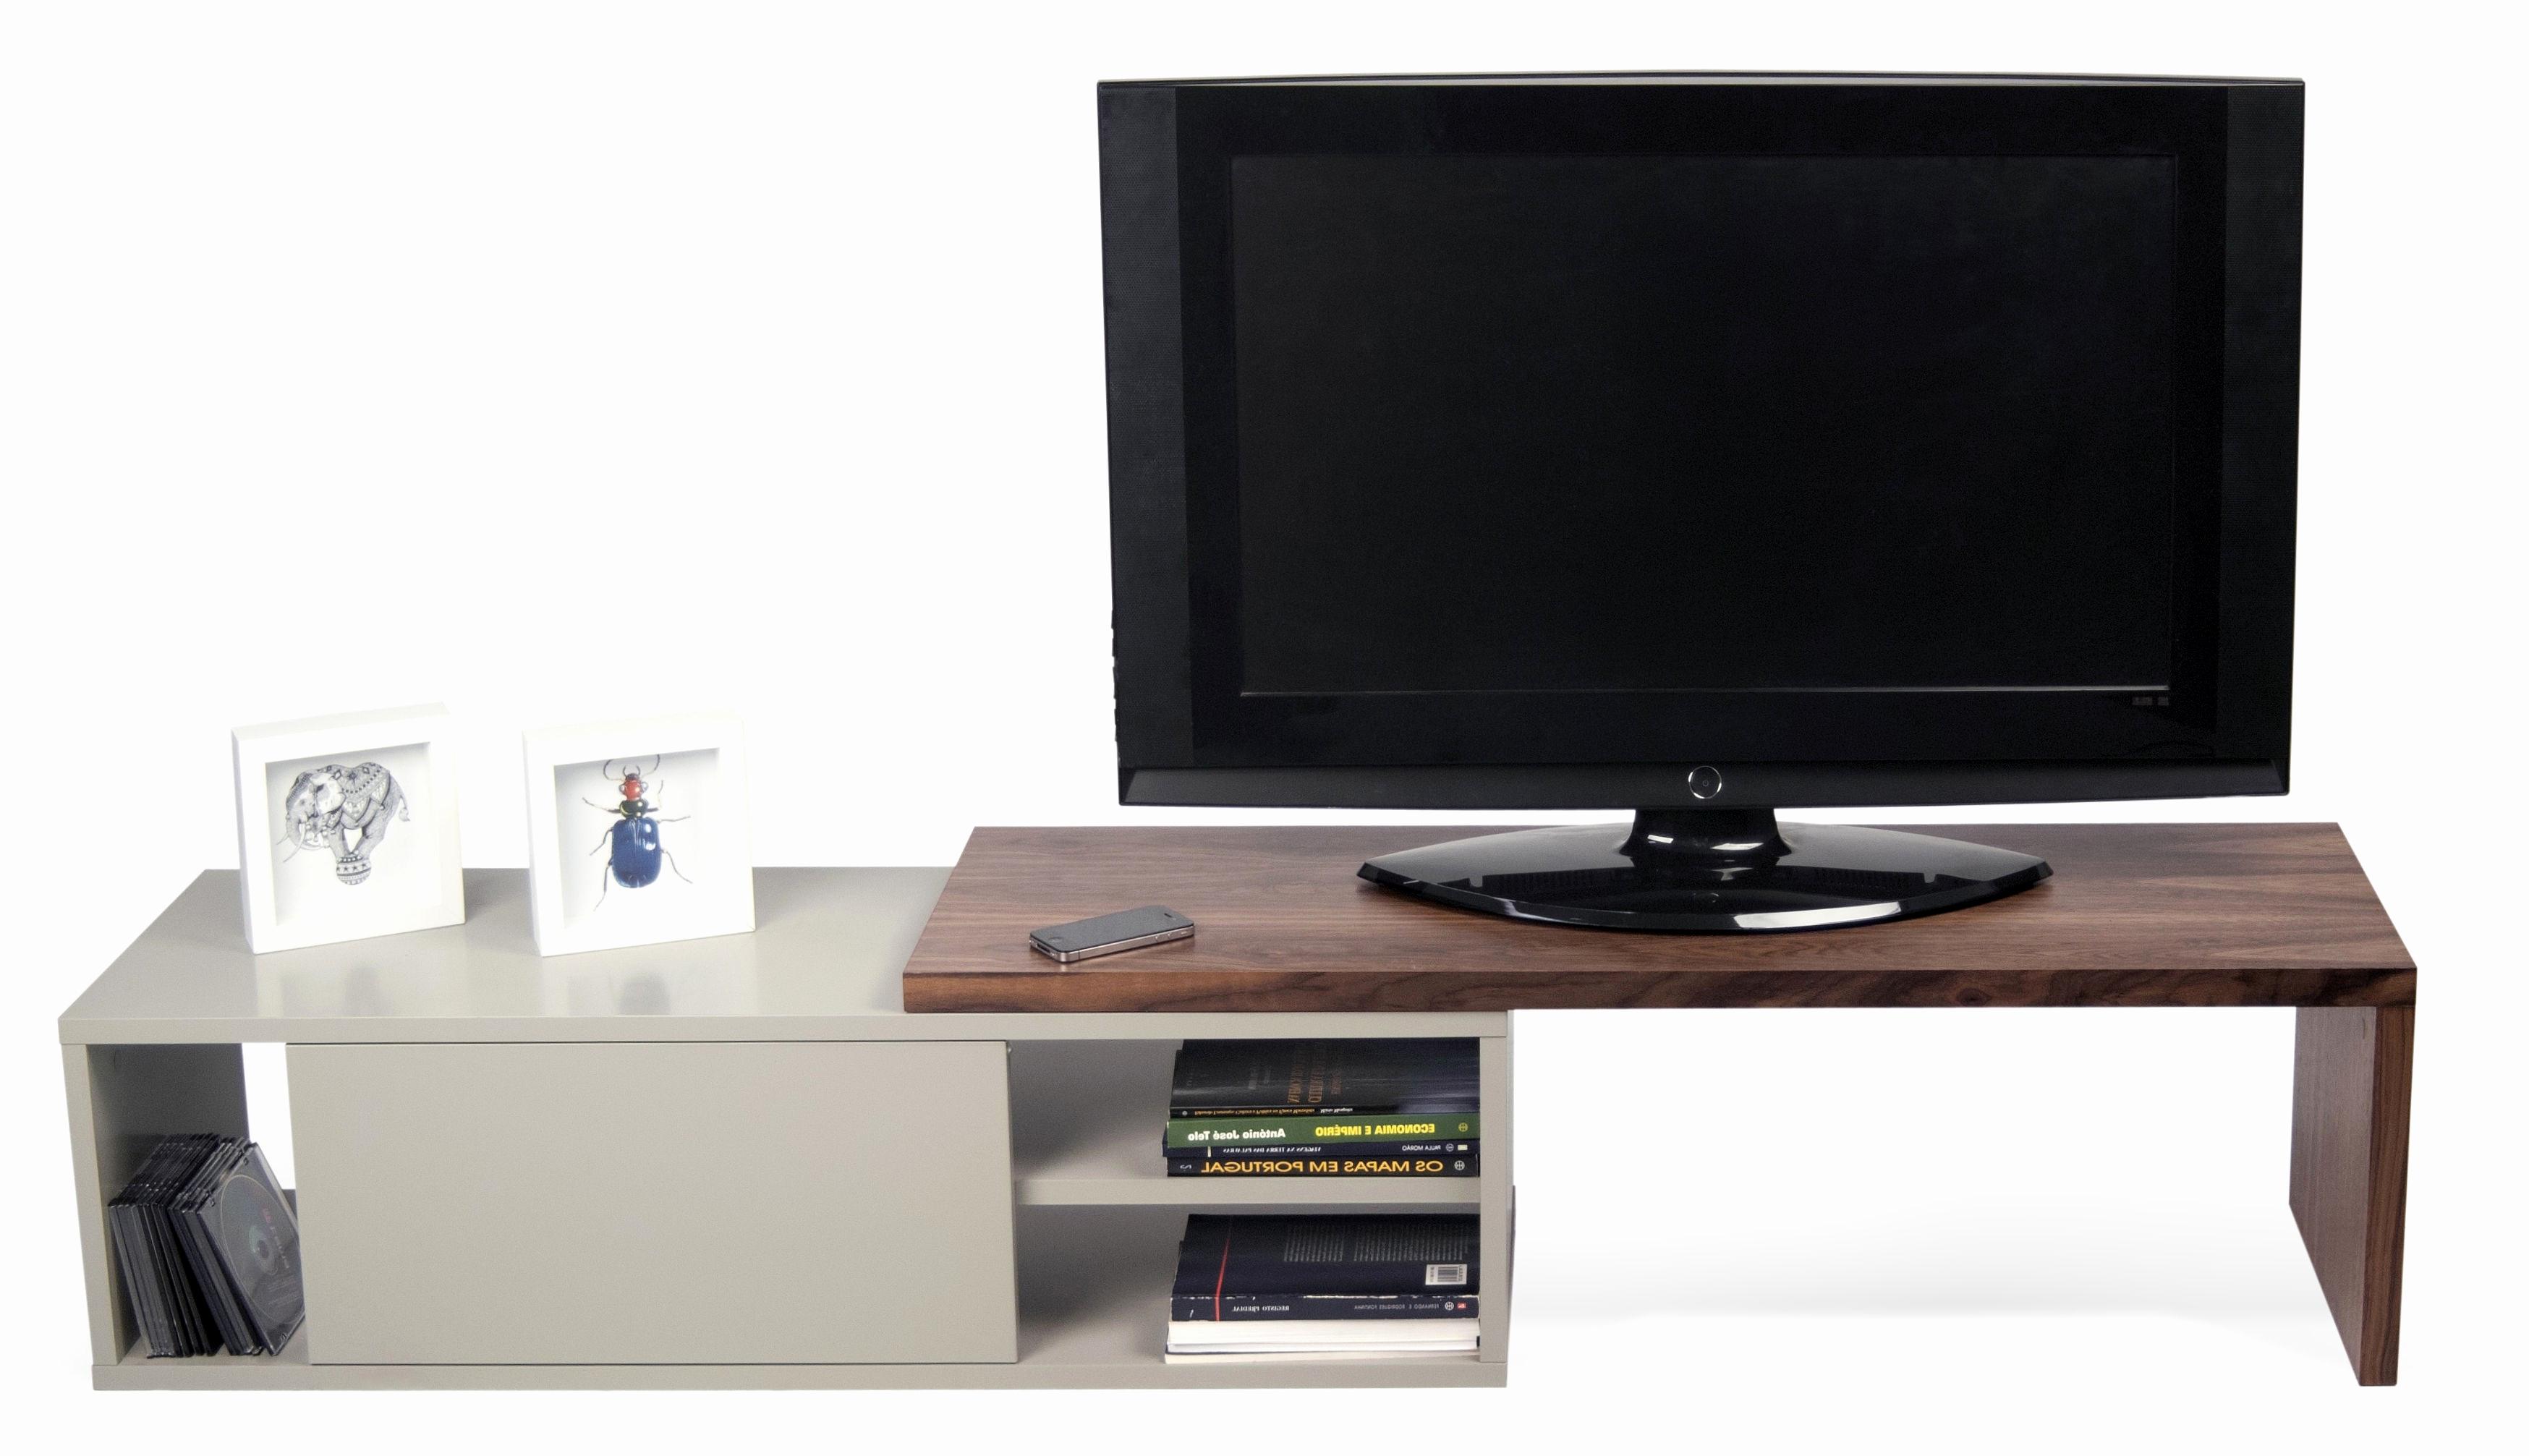 ارتفاع ثابتة ألكسندر جراهام بيل meuble pour tv escamotable